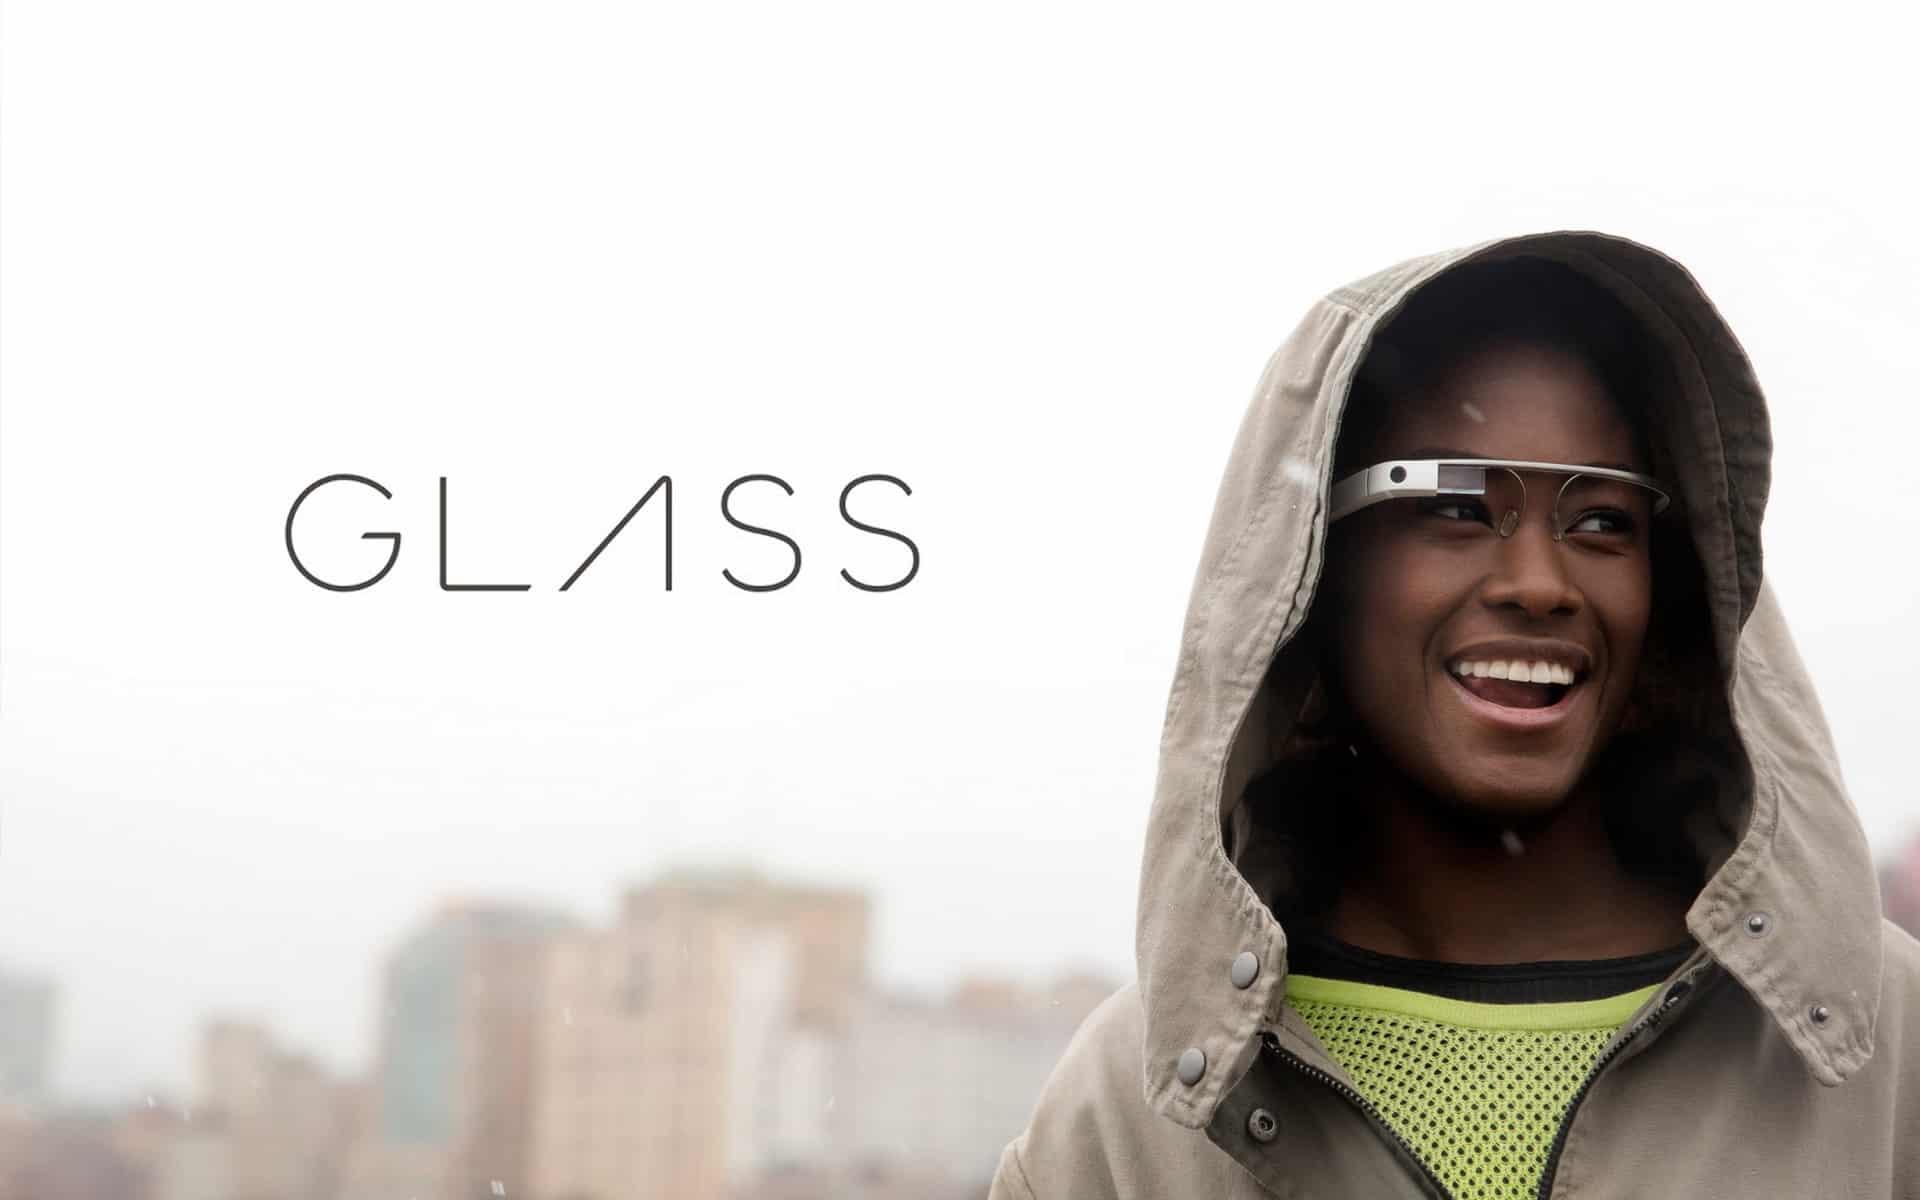 Hablamos de las Google Glass, gafas de Google, tecnologías «wereables» y mucho más en EnREDa2 72 Podcast Cope Alicante